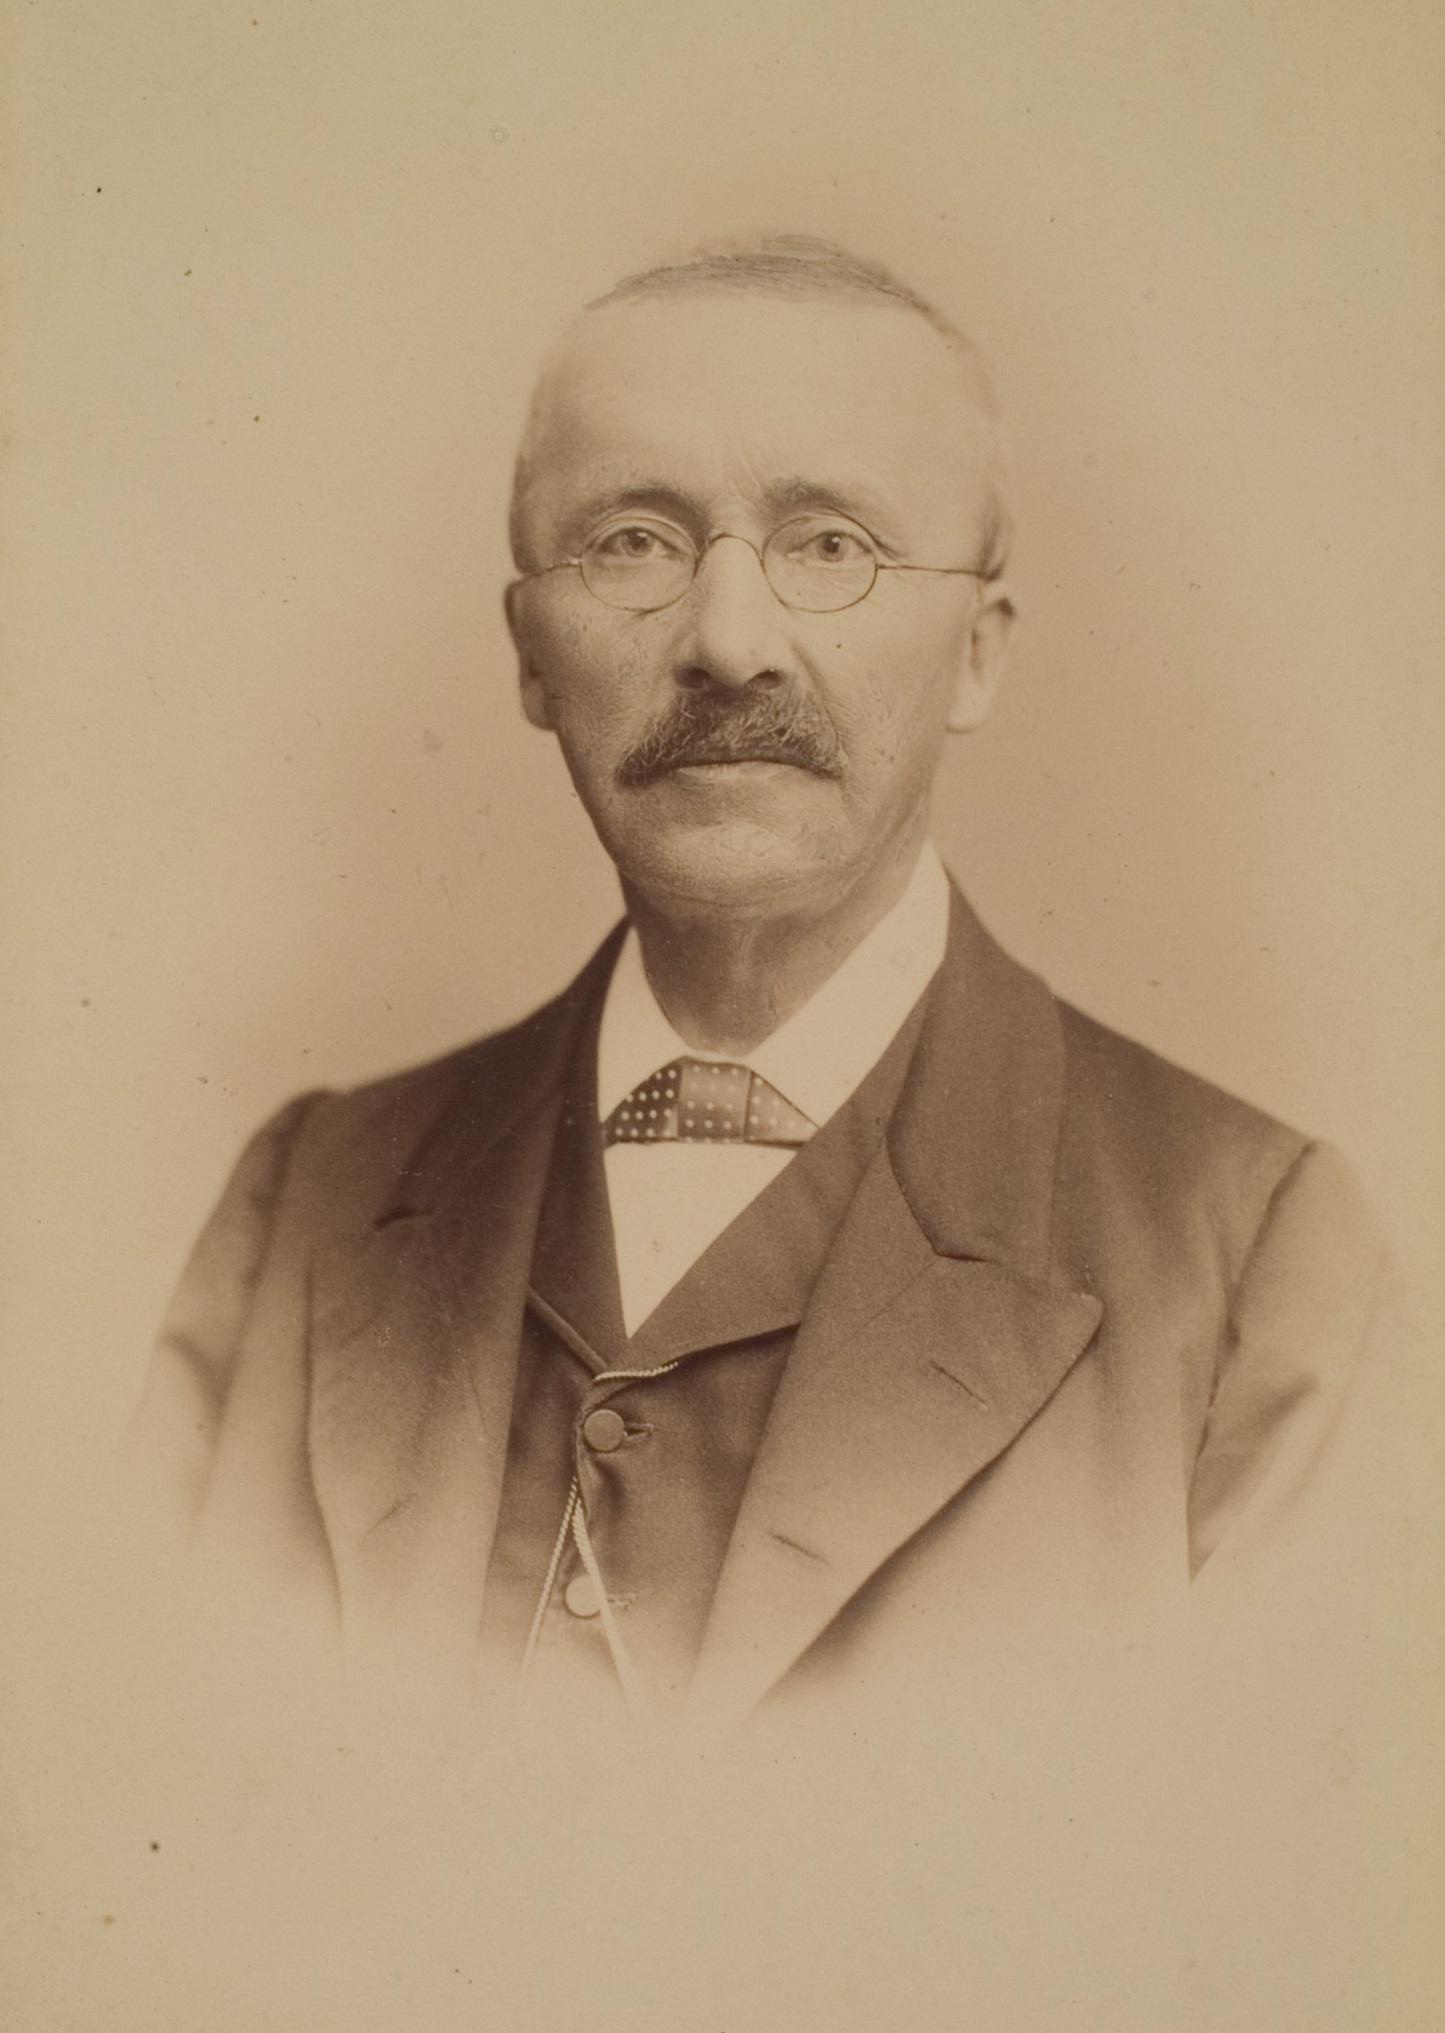 Heinrich_Schliemann_(HeidICON_28763)_(cropped)